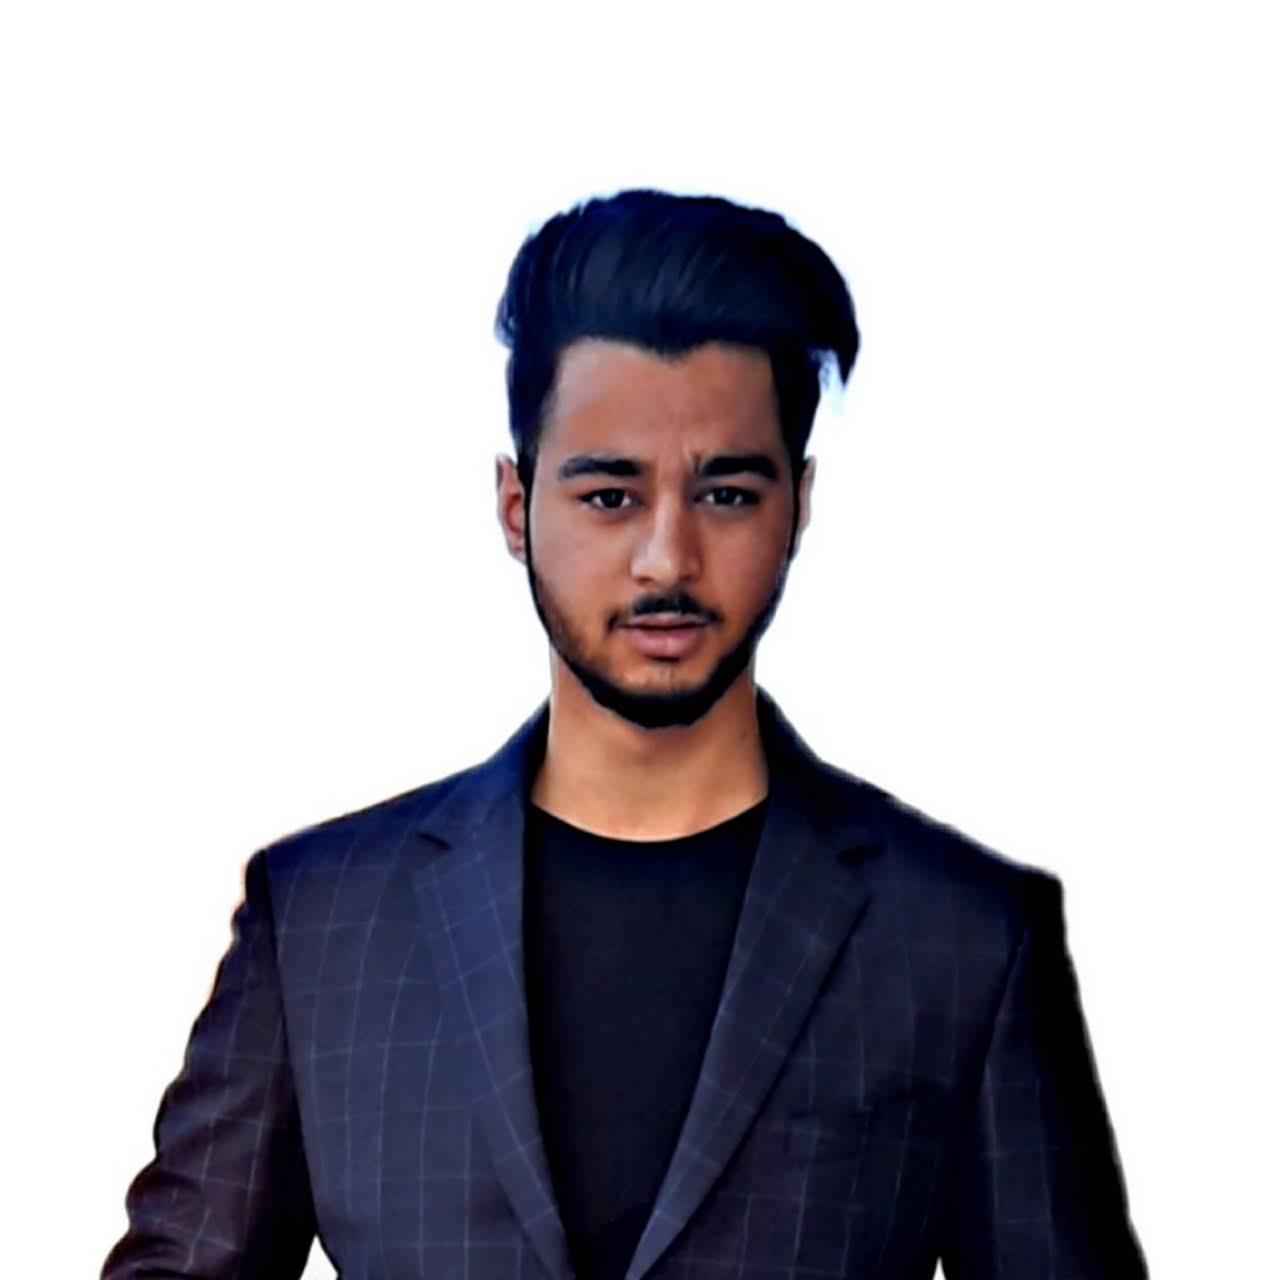 EverythingisntCaaDath, 21 years old boy's Contribution towards the Motherland Kashmir